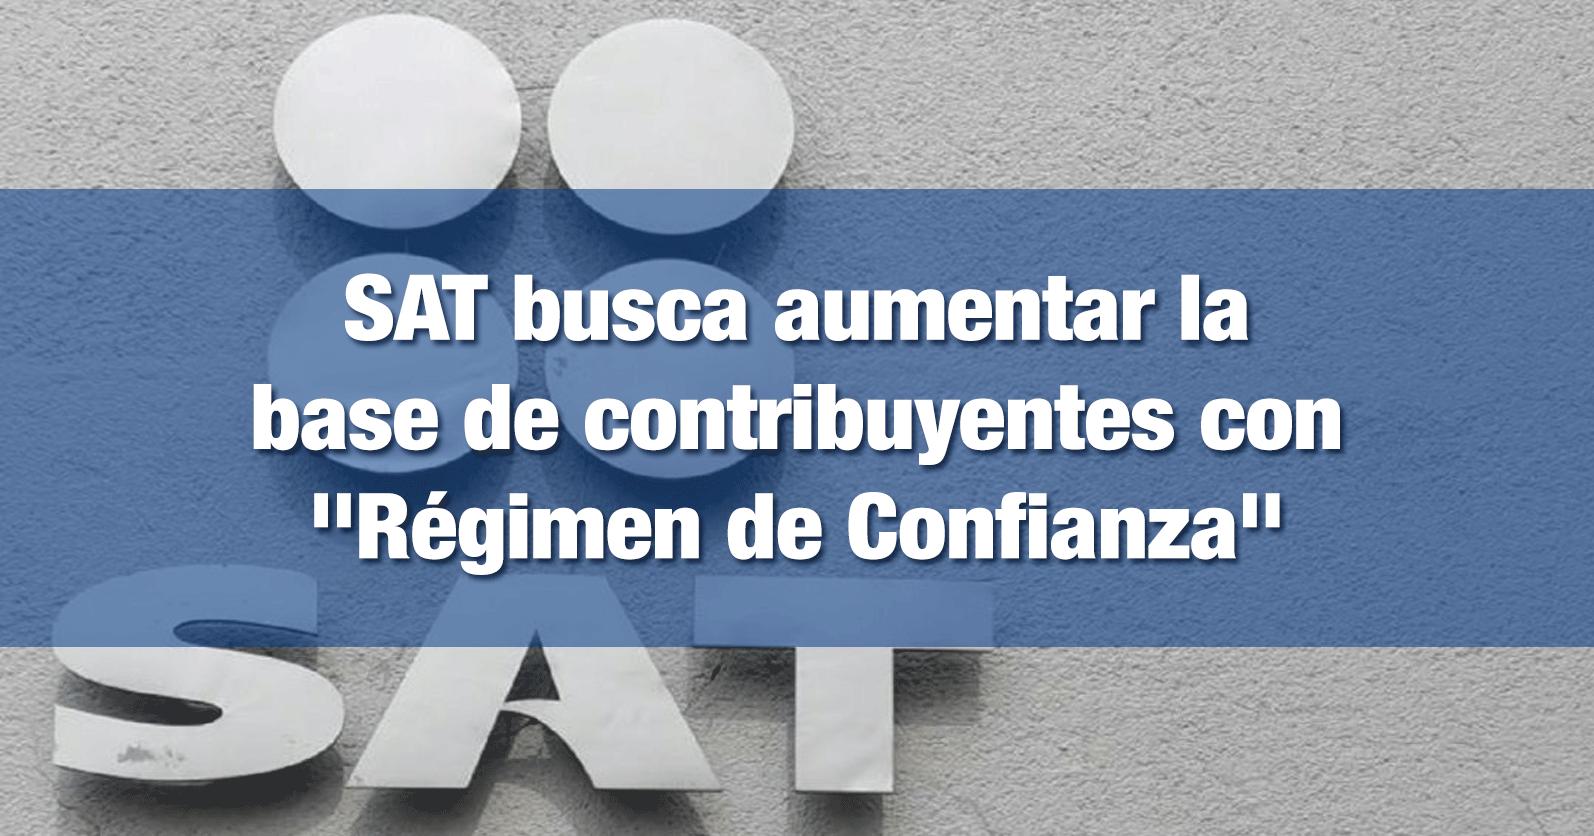 """SAT busca aumentar la base de contribuyentes con """"Régimen de Confianza"""""""